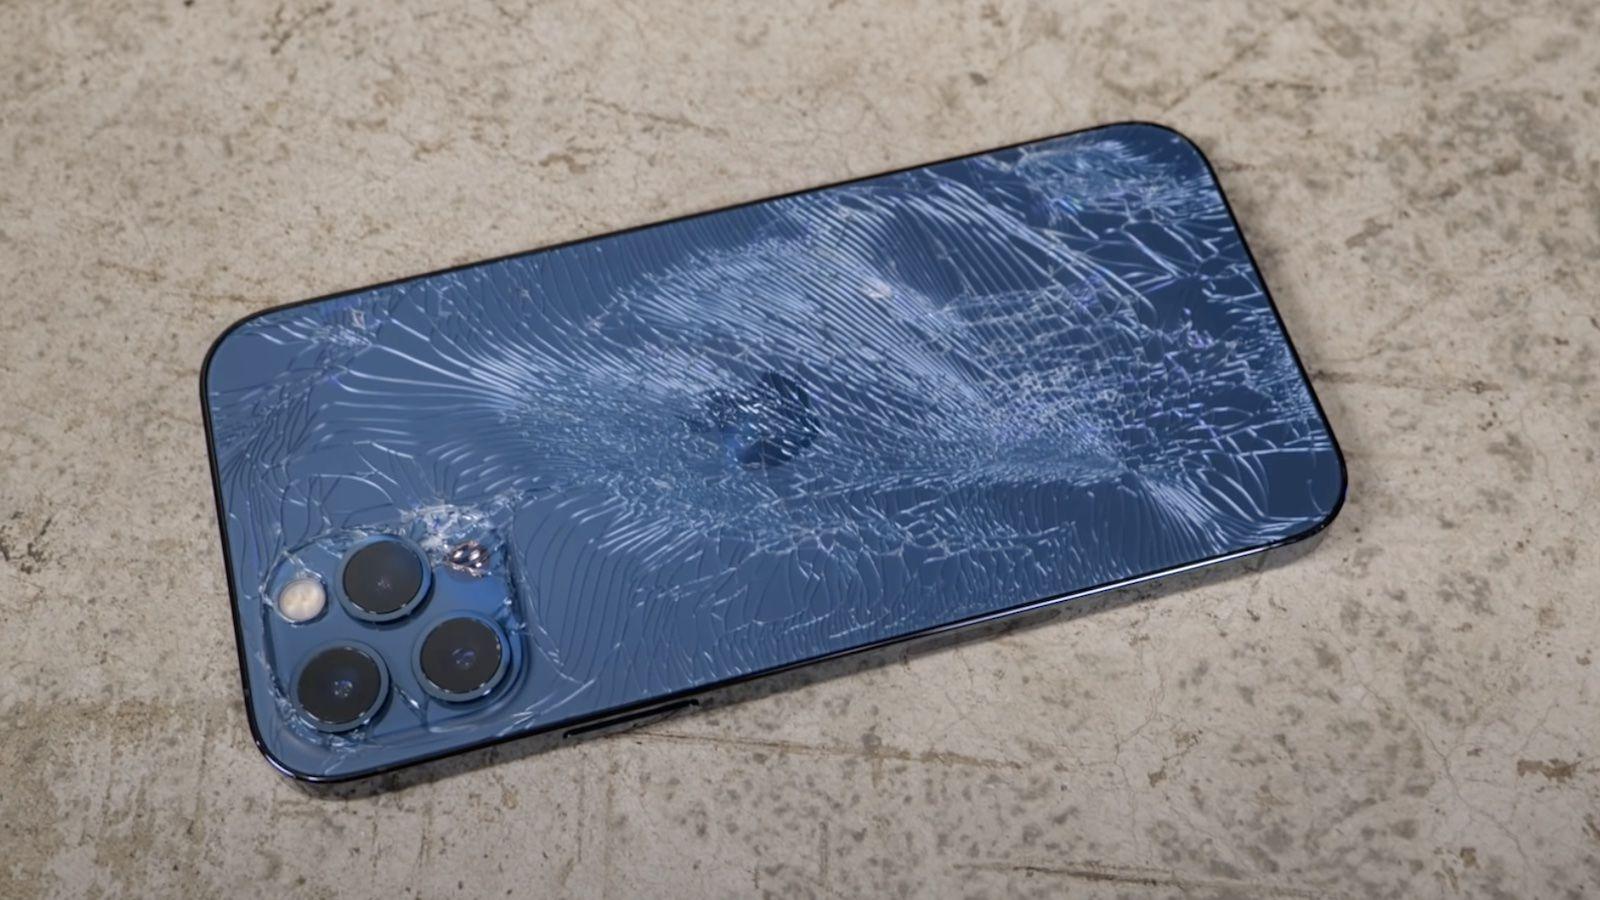 iPhone 12 repairs in sawbridgeworth